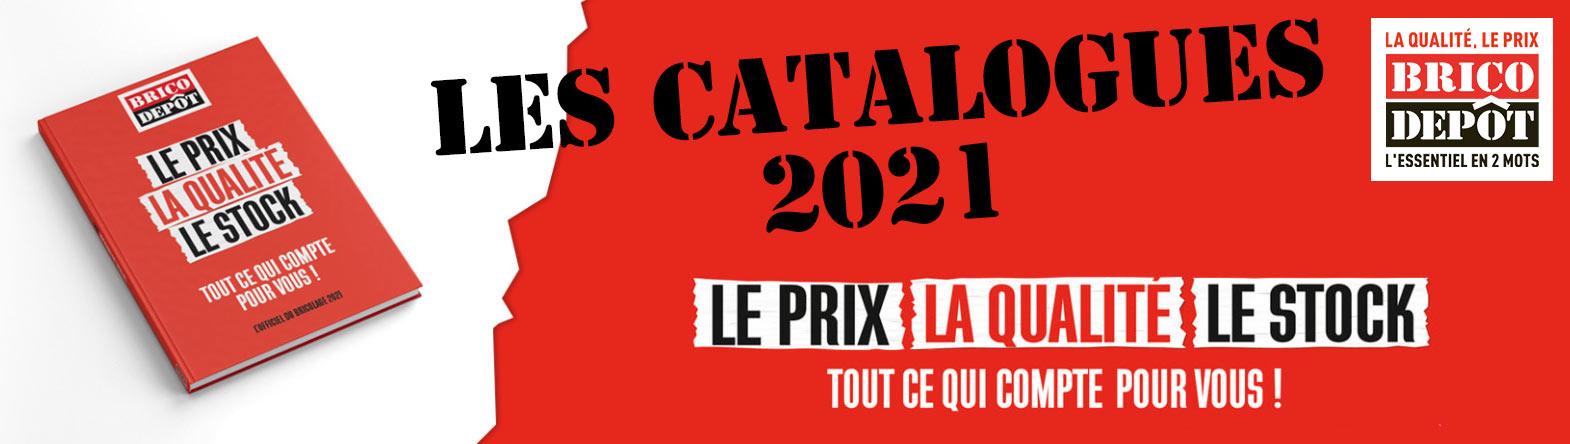 Catalogues Brico Dépôt 2021